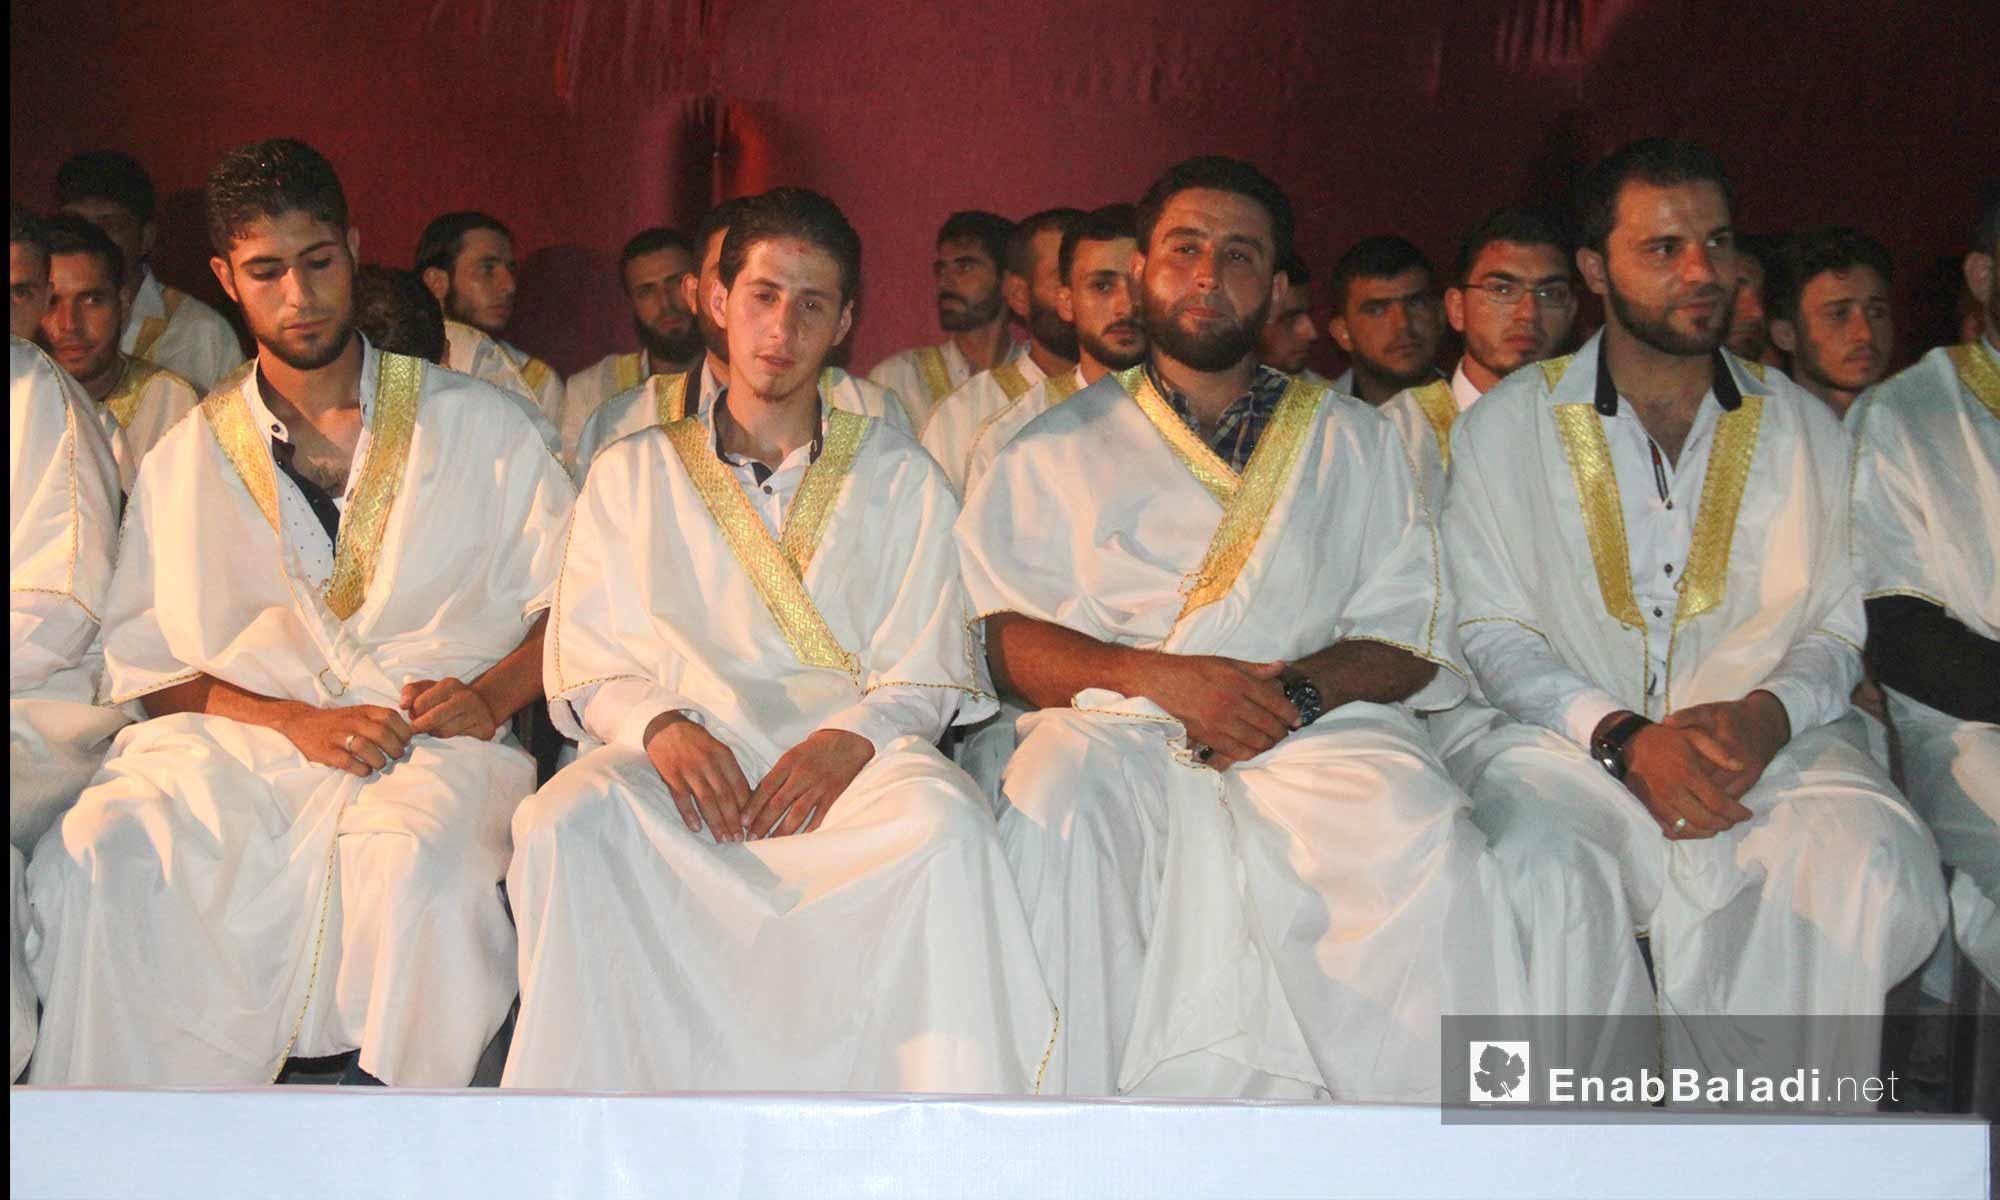 زفاف جماعي لشباب من مدينة داريا في محافظة إدلب - 9 آب 2017 (عنب بلدي)